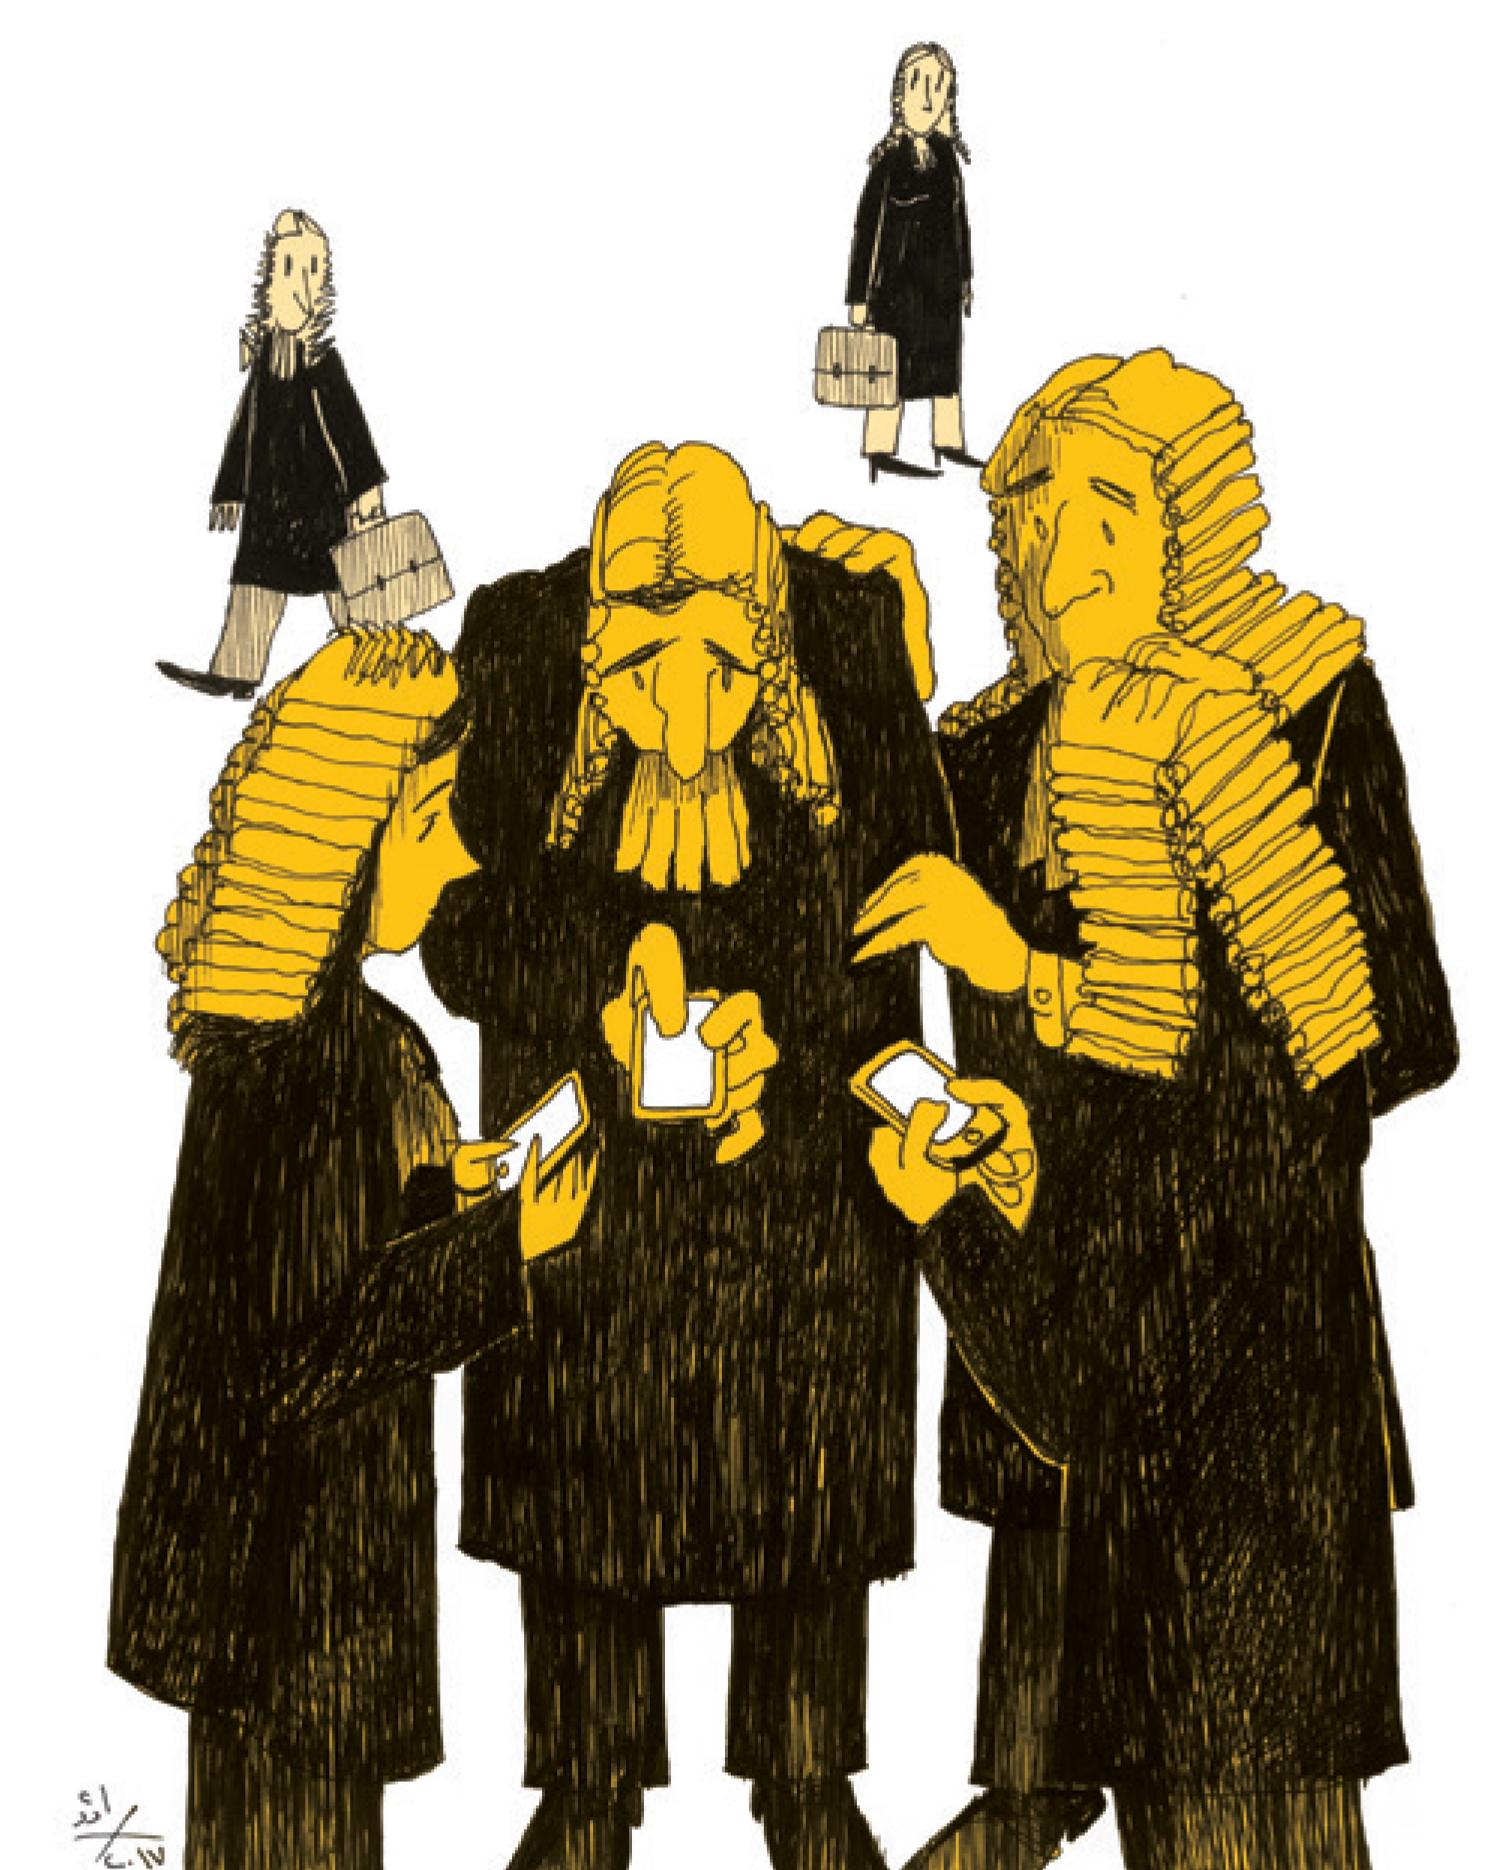 قضاة الواتساب، هذه الوقفة الجميلة